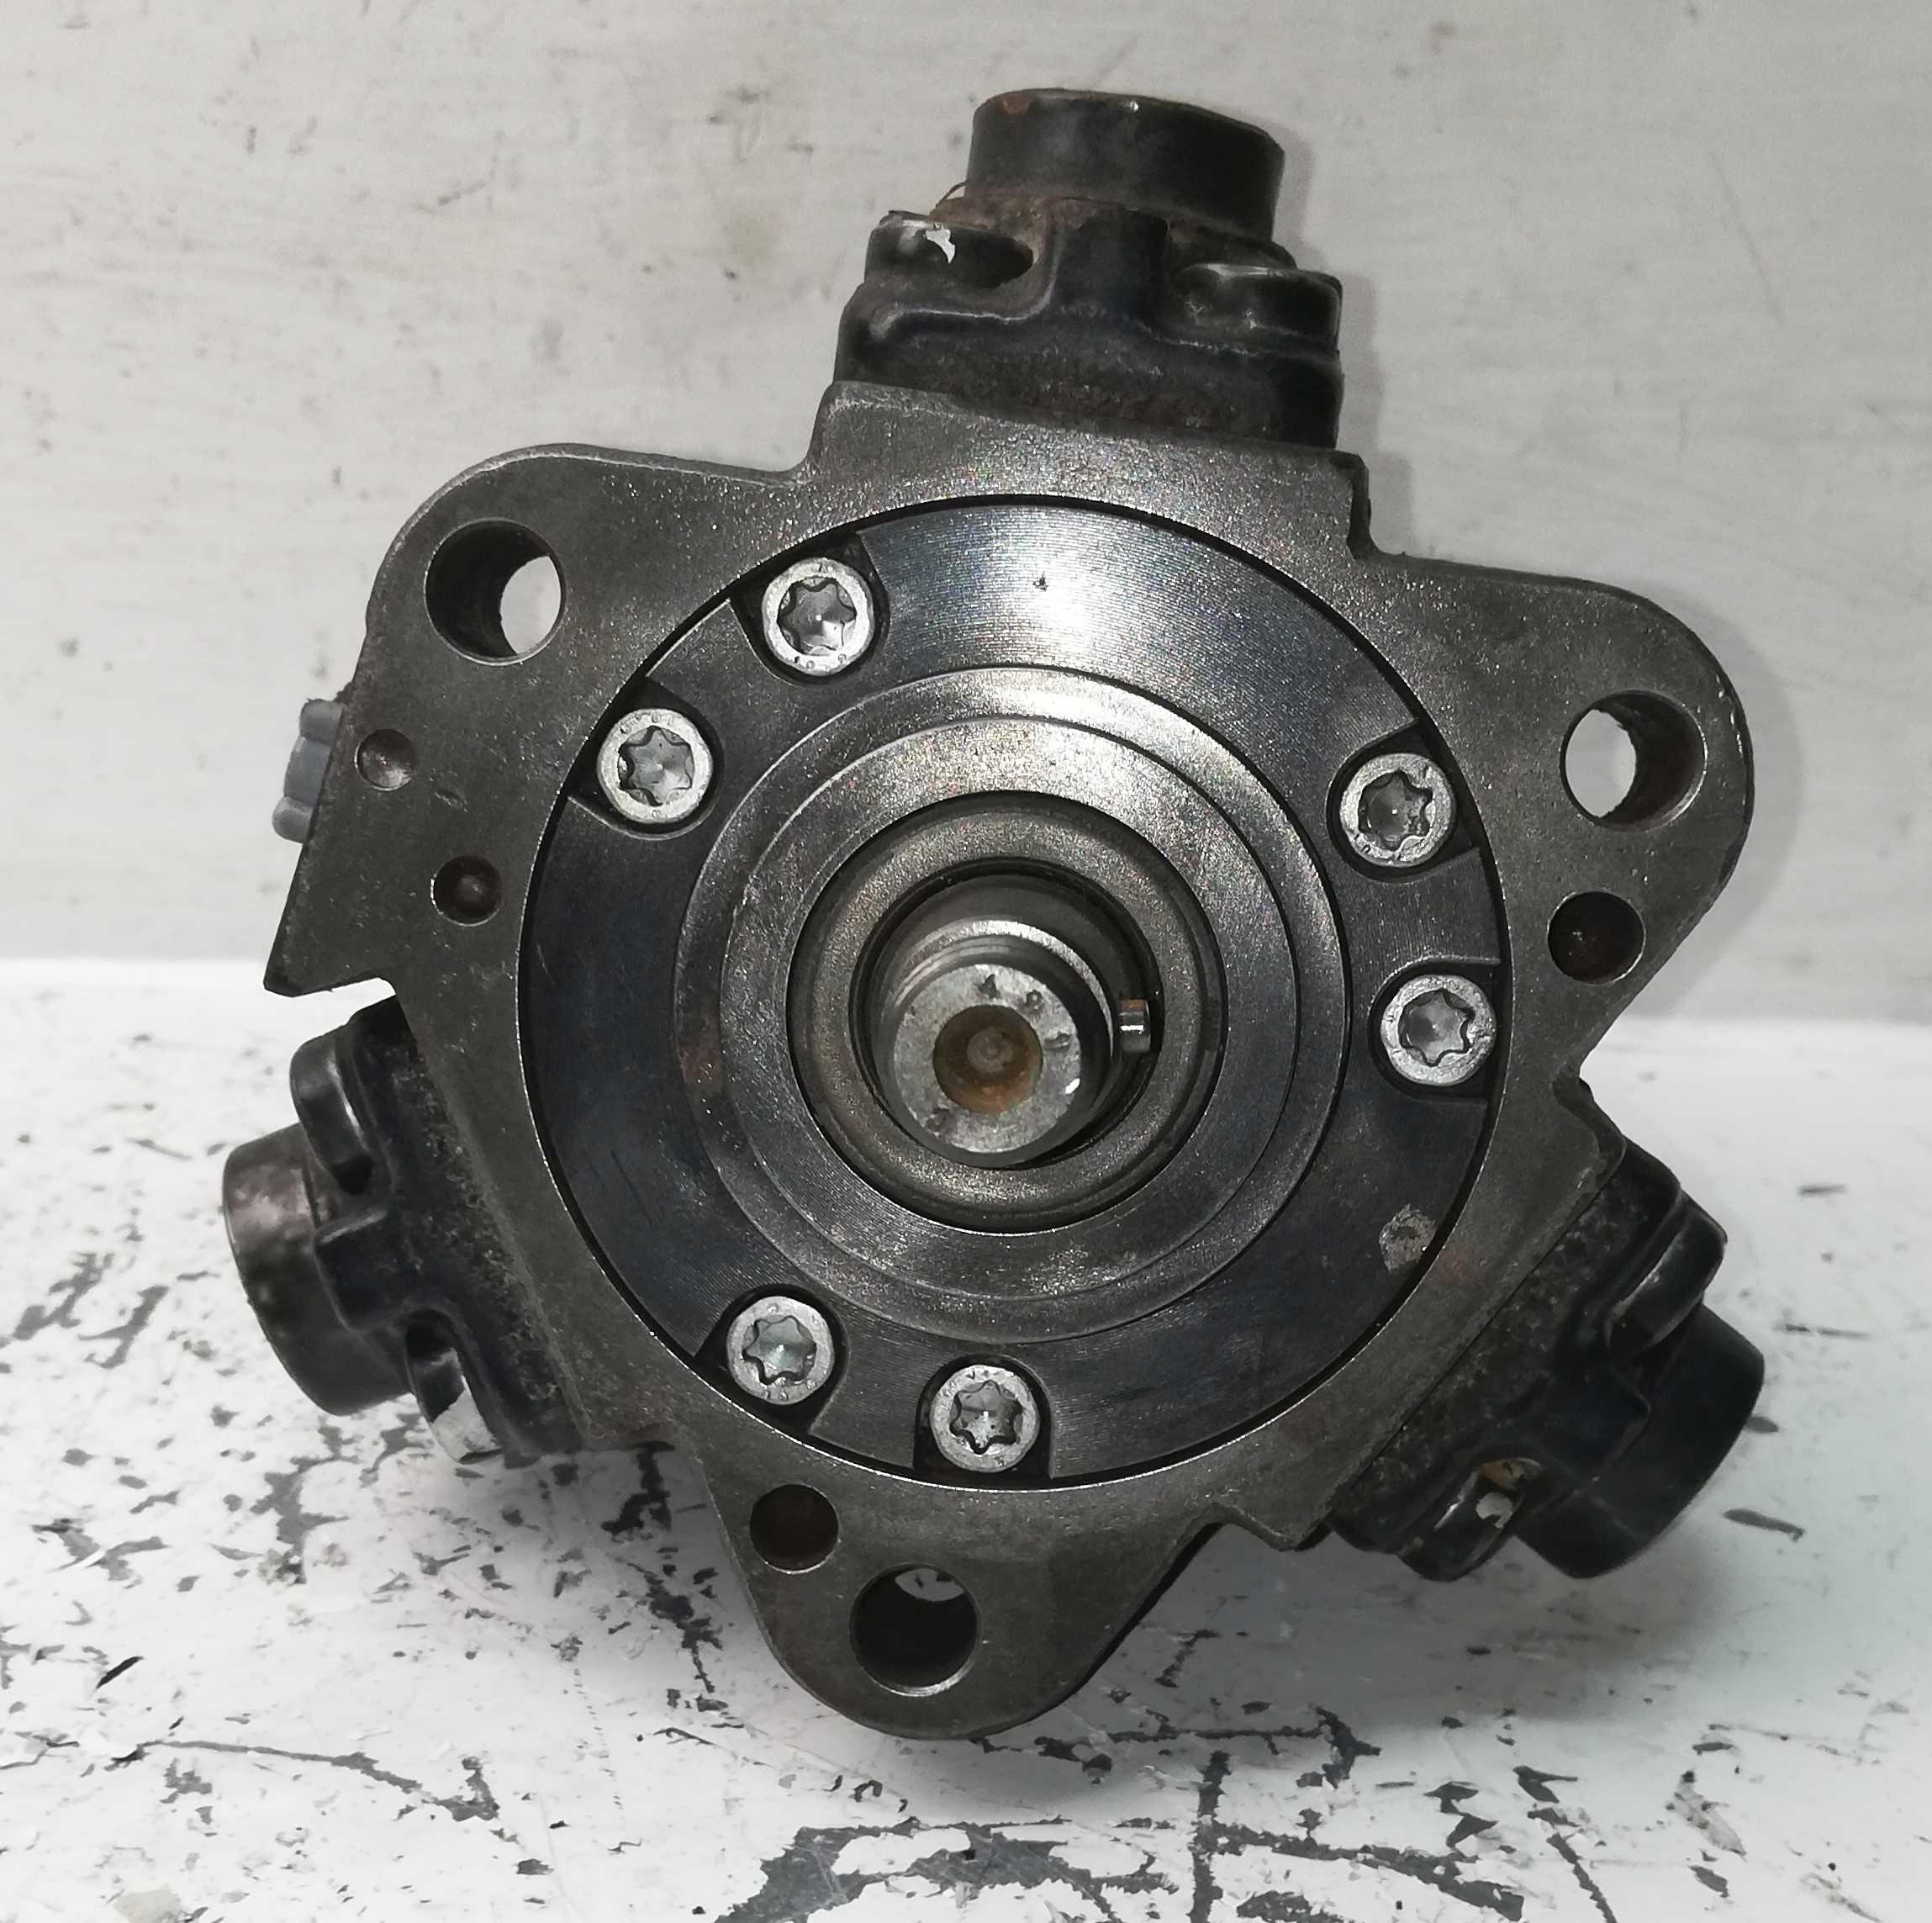 Sprawdzona Pompa wtryskowa Jeep 2.8 CRDI 0445010238 35022129F